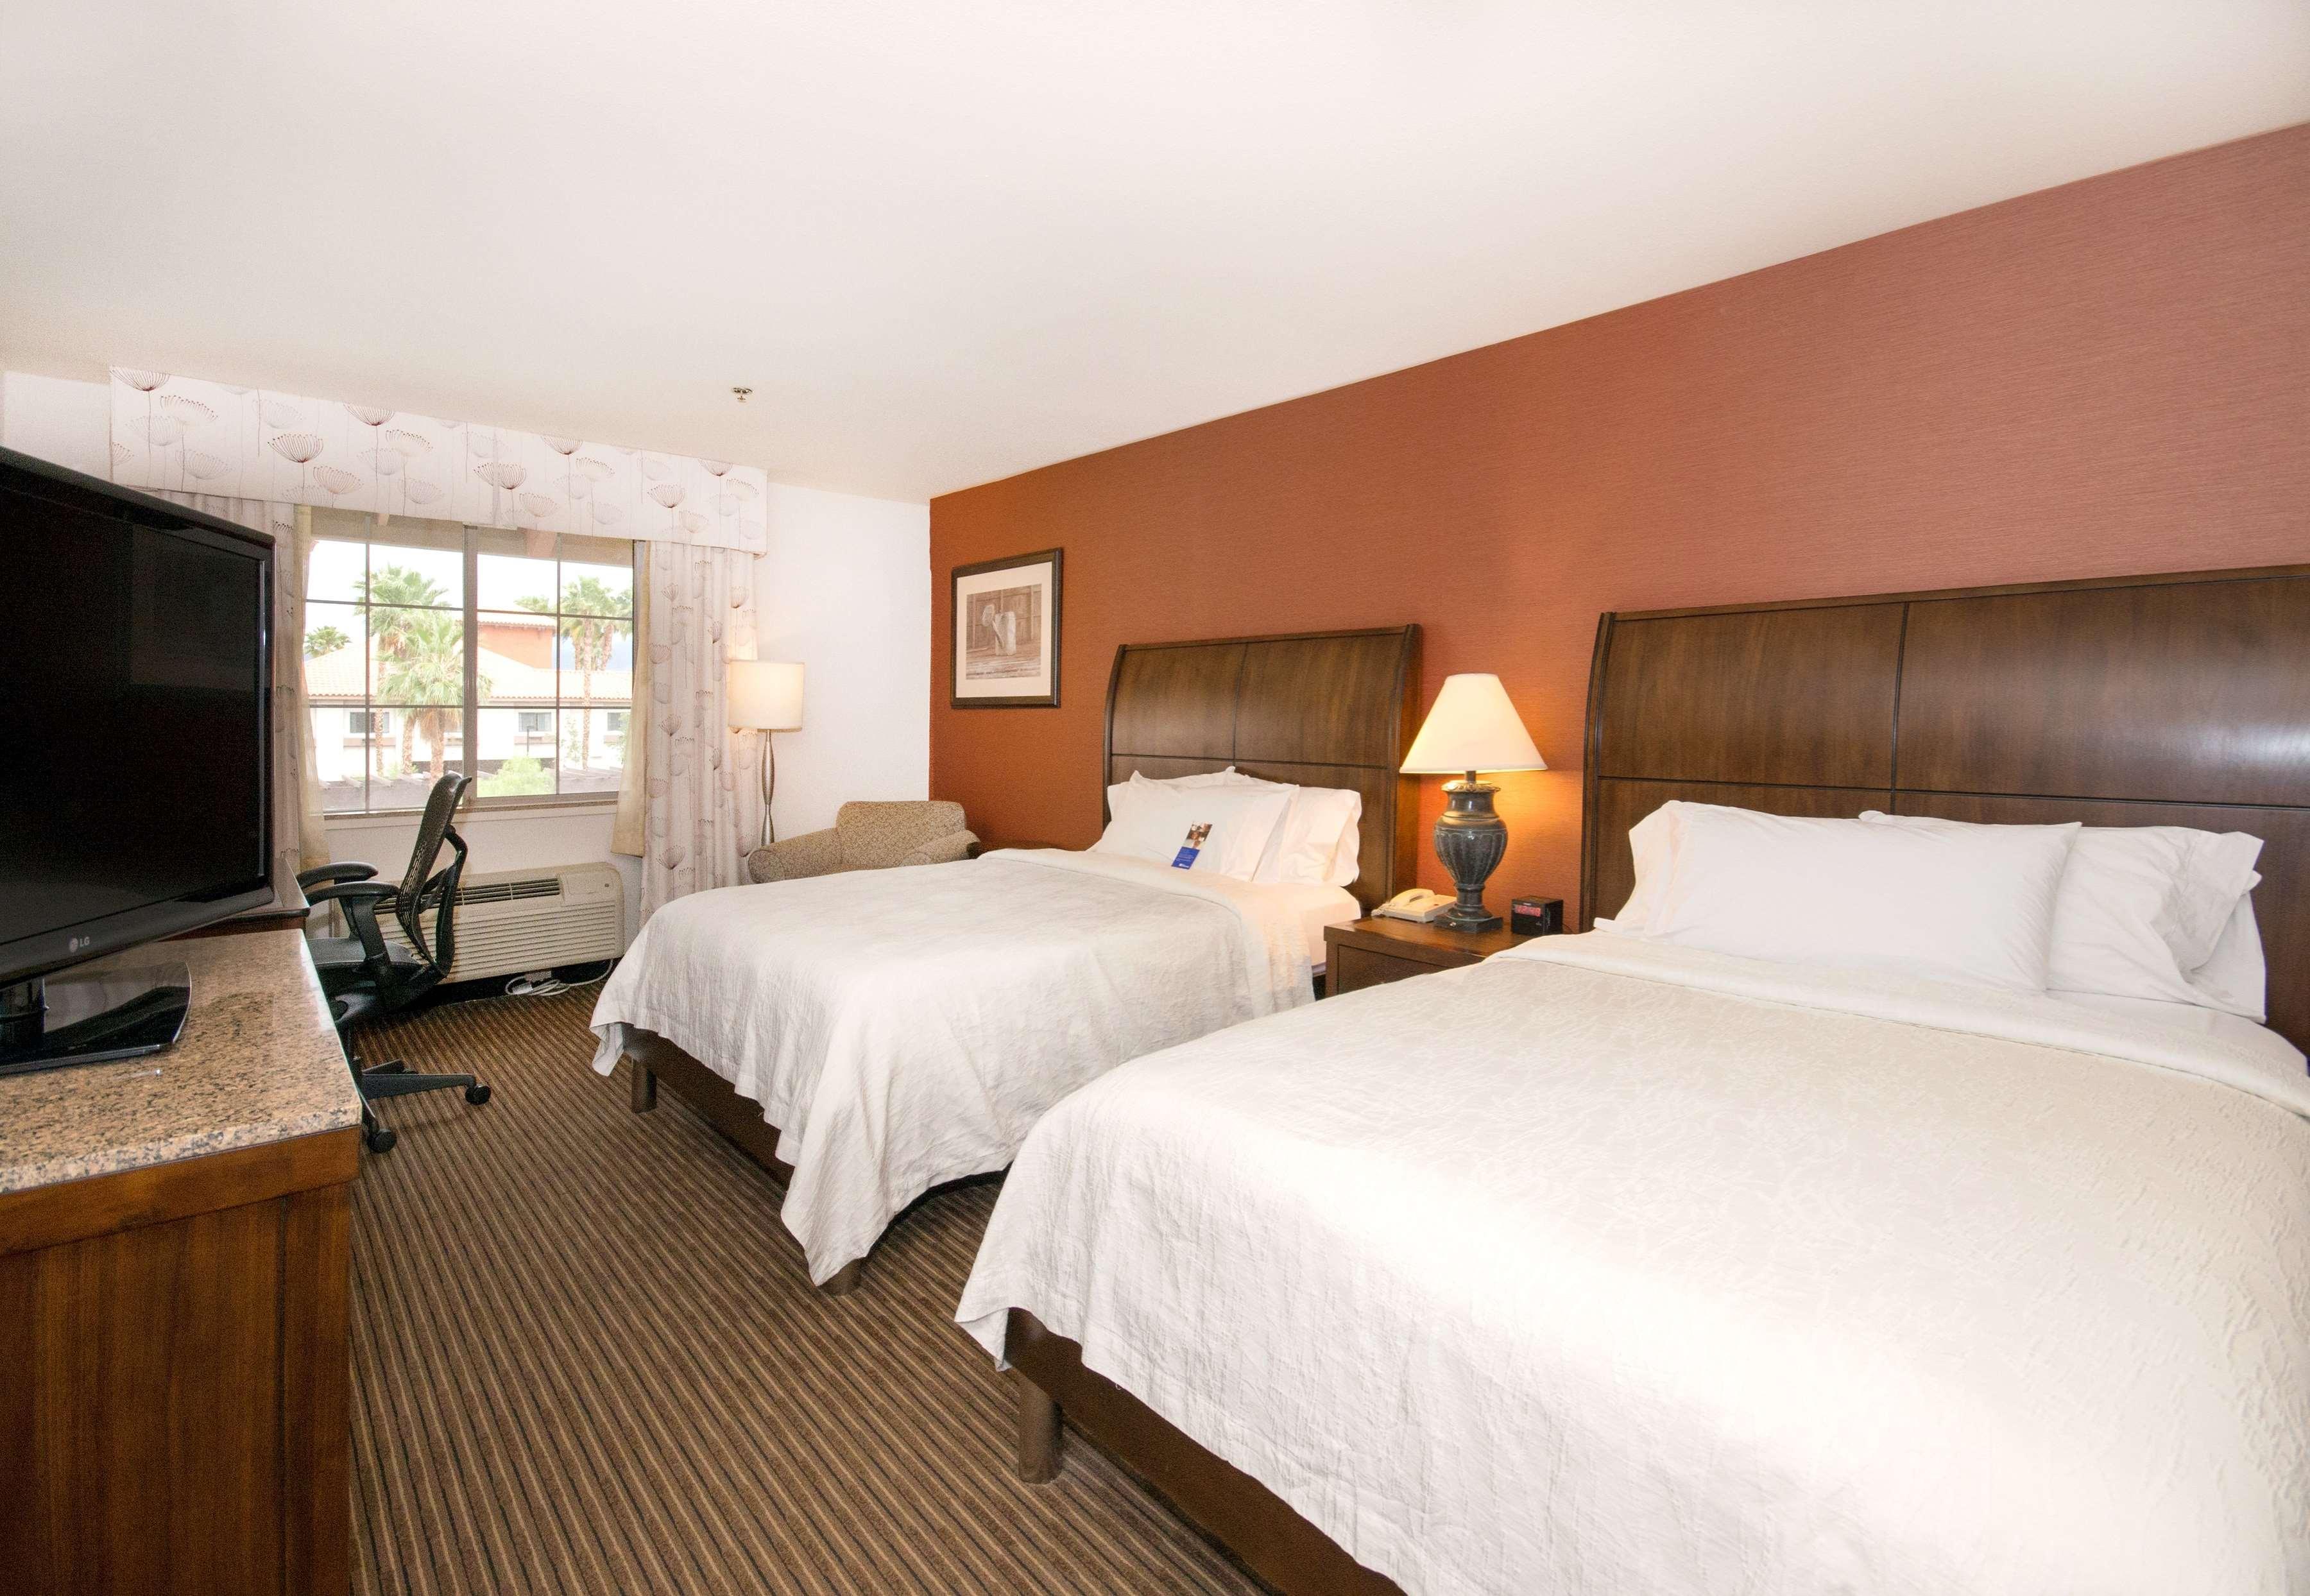 Hilton Garden Inn Palm Springs/Rancho Mirage image 17